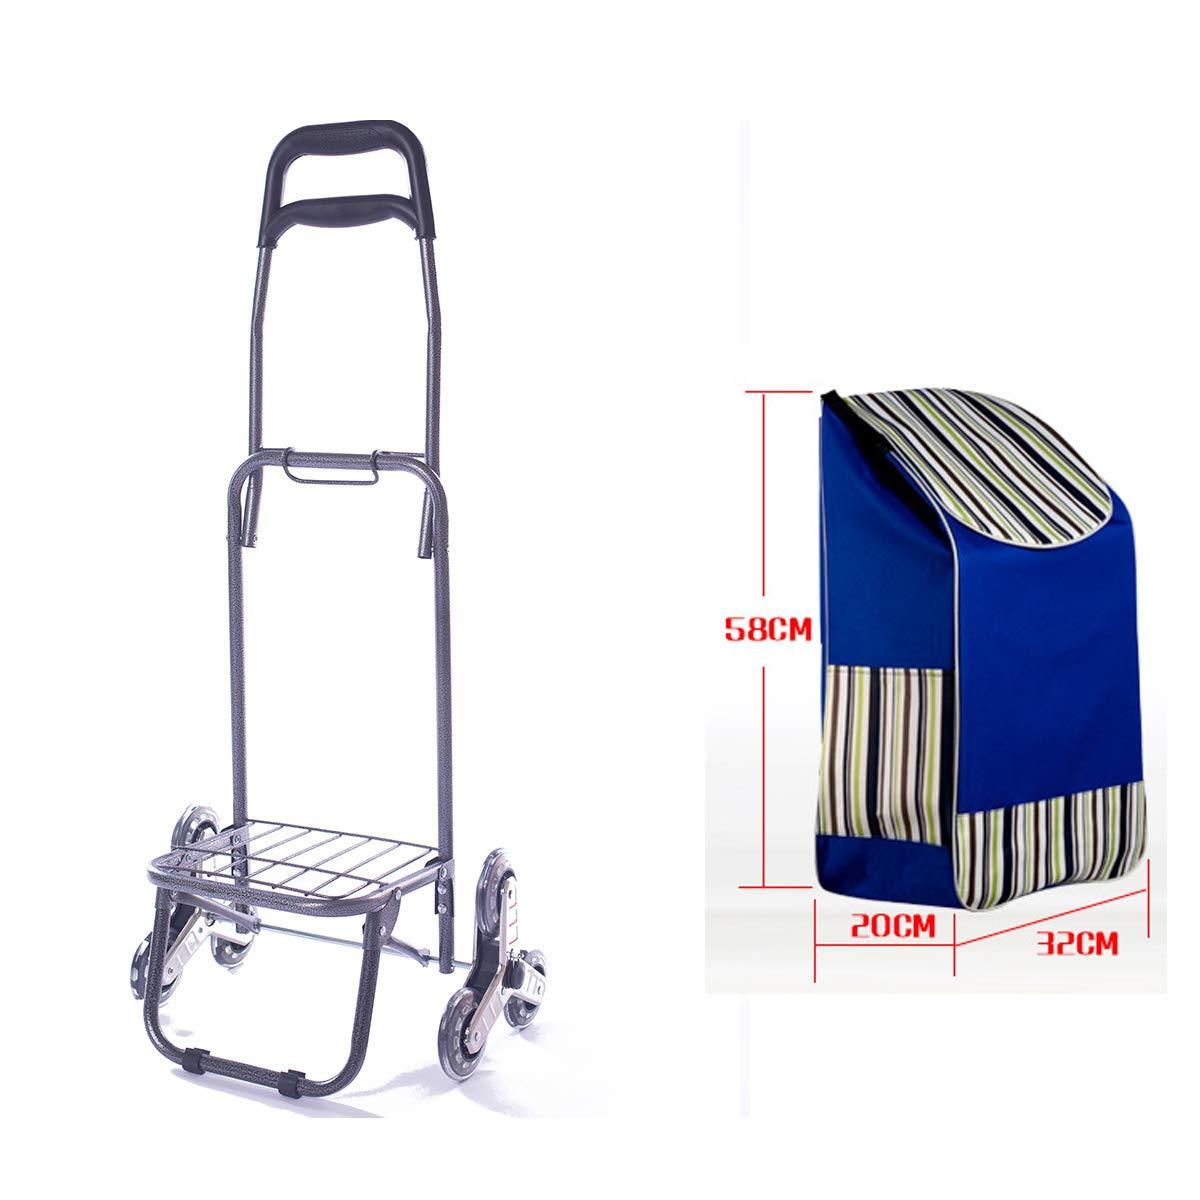 carrito de 3 ruedas etc carrito de escalera plegable para ir de compras picnic f/ácil de escalar almacenamiento en casa Rayas Negras gran capacidad Carrito de la compra plegable